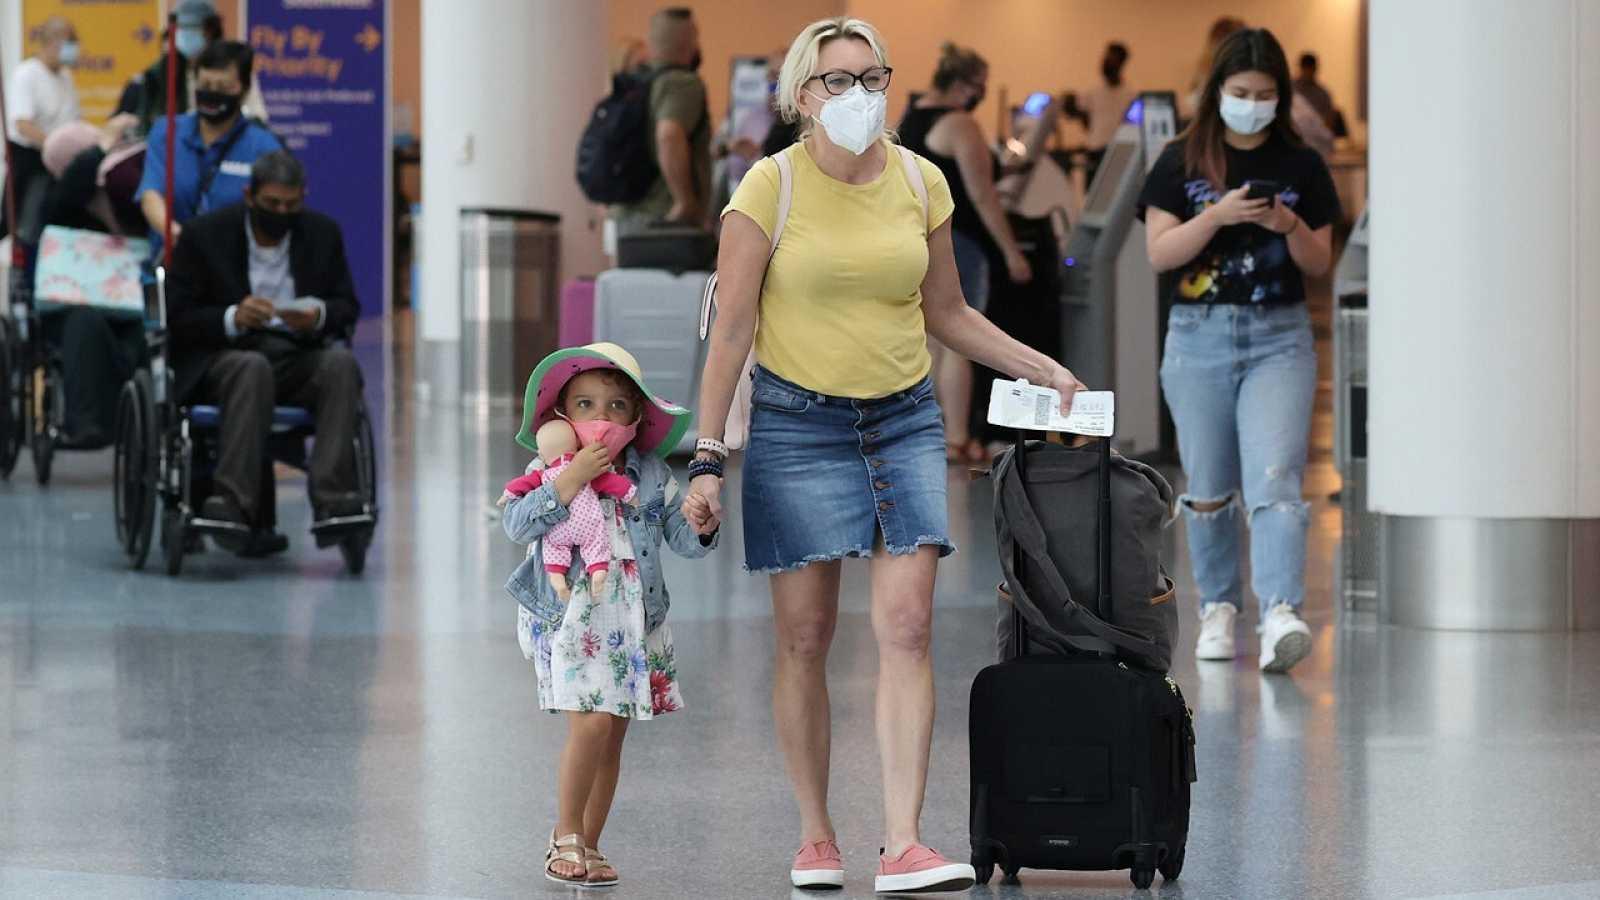 Pasajeros con mascarilla en un aeropuerto de Los Angeles, California (EE.UU.). REUTERS/Lucy Nicholson